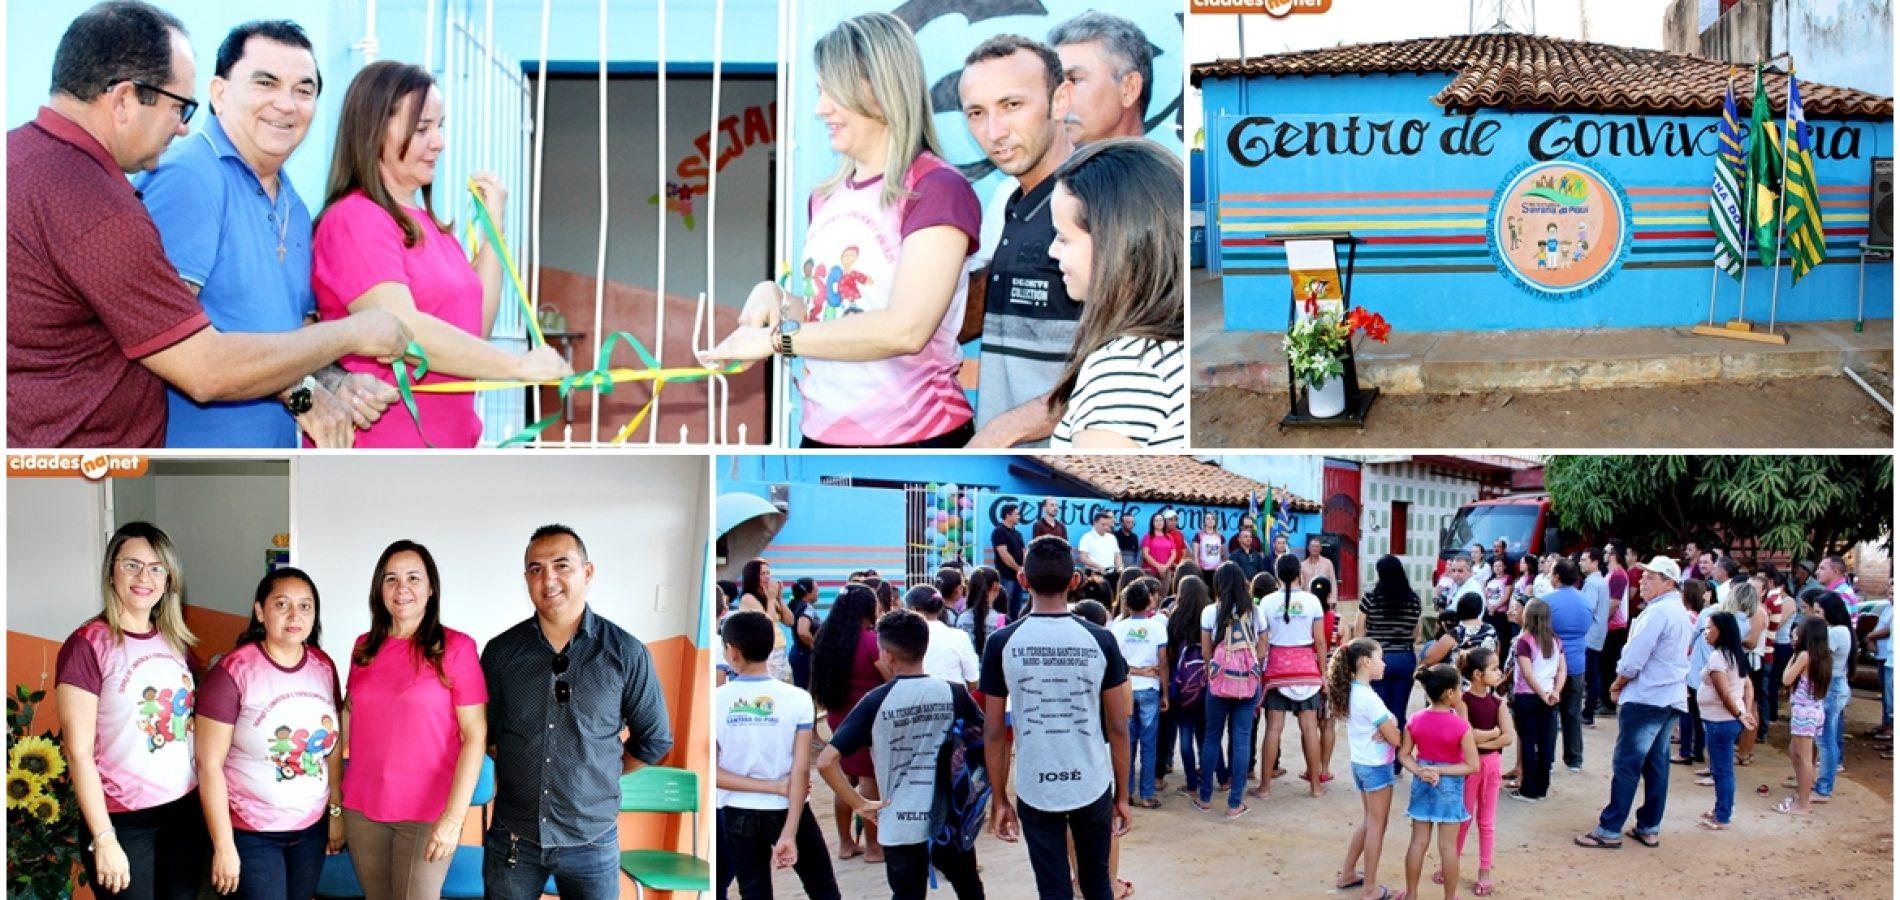 SANTANA│Gestão da prefeita Maria José reinaugura Centro de Convivência no povoado Barro; fotos